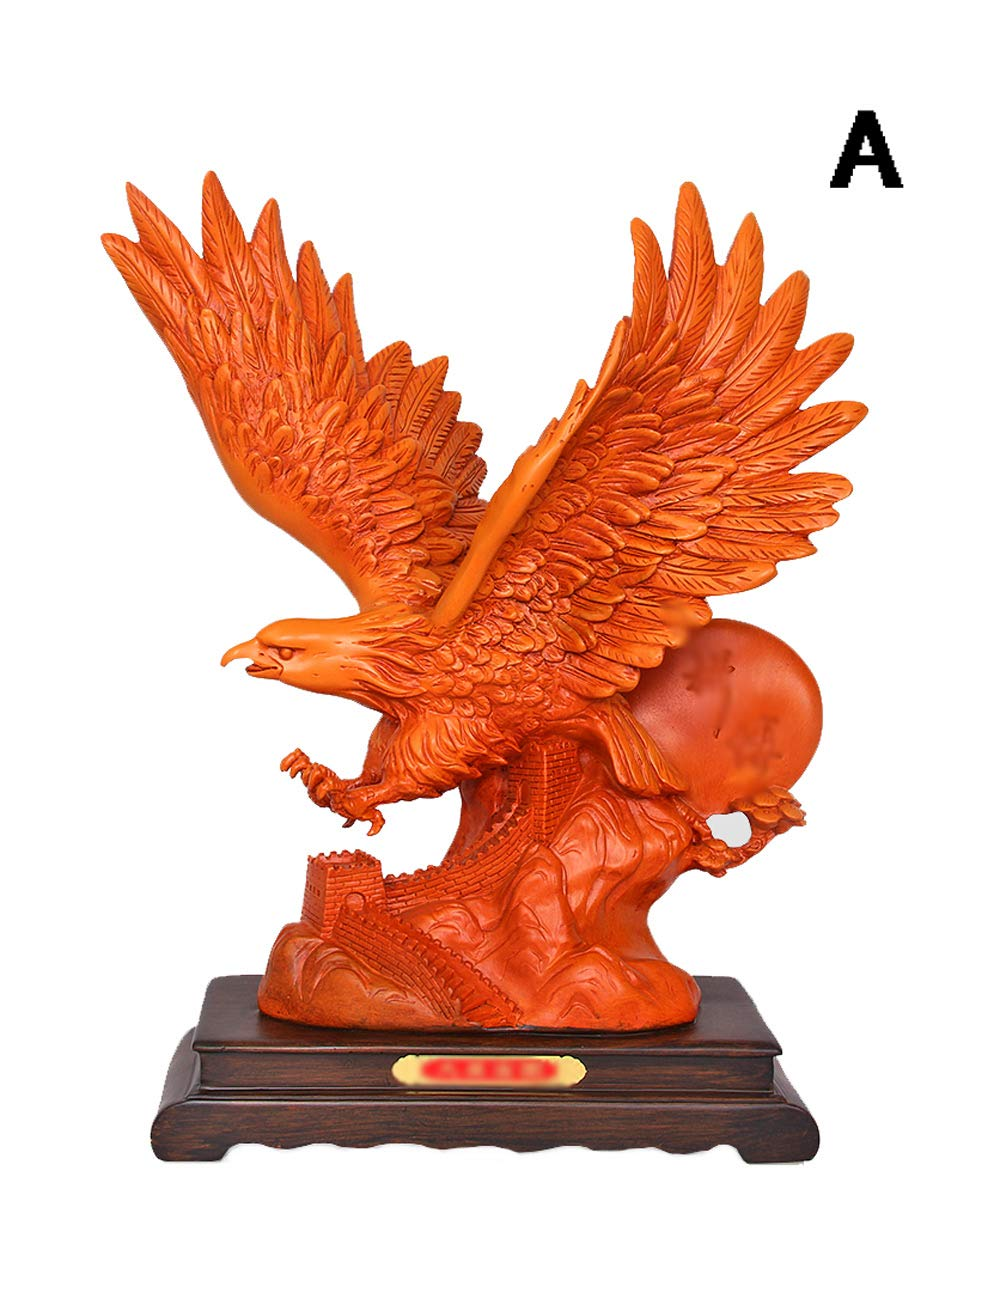 装飾品、樹脂素材のアートワーク、ヨーロッパスタイルの装飾、創造的な動物のイーグル工芸品 (三 : A) A  B07JQ1BDQH